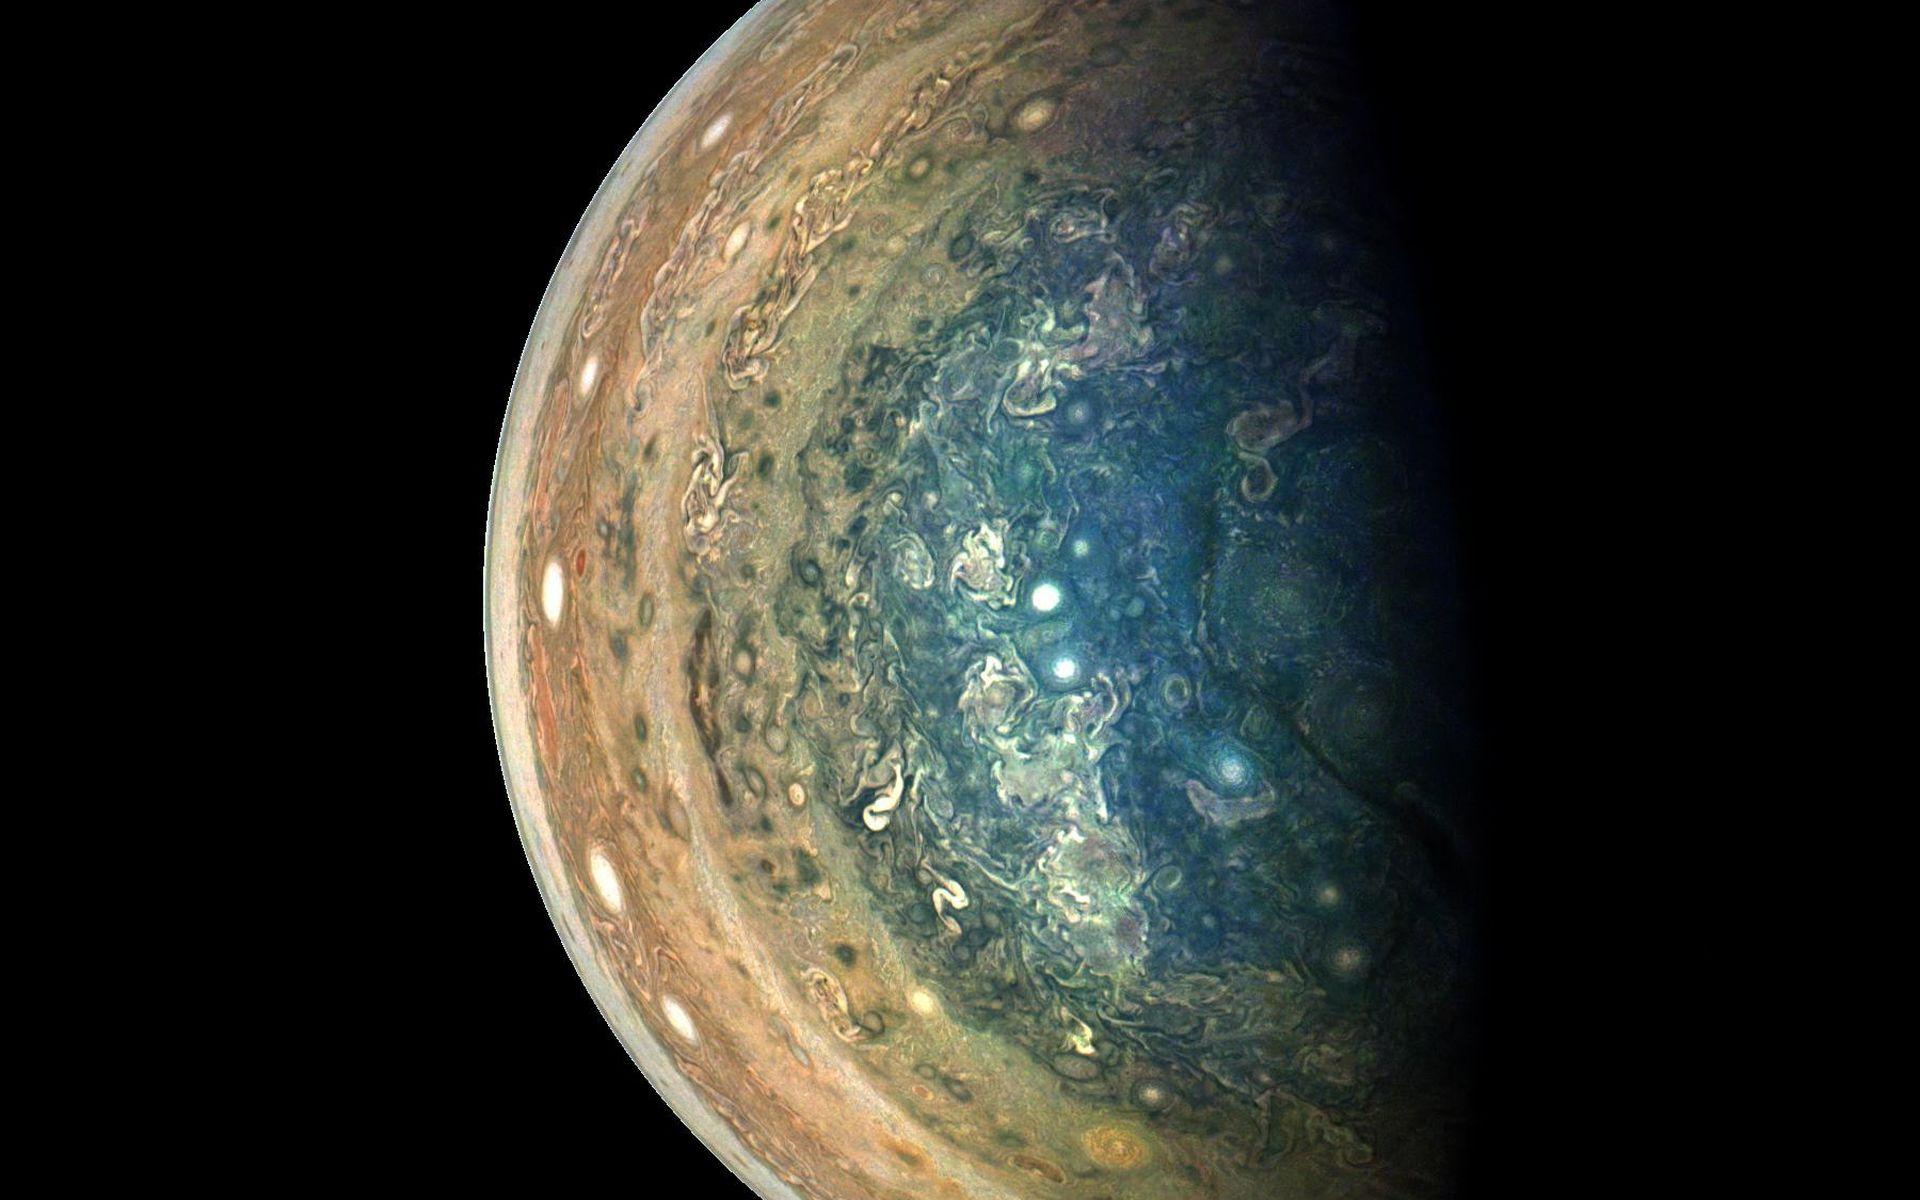 Space images jupiter 39 s swirling south pole - Jupiter wallpaper ...